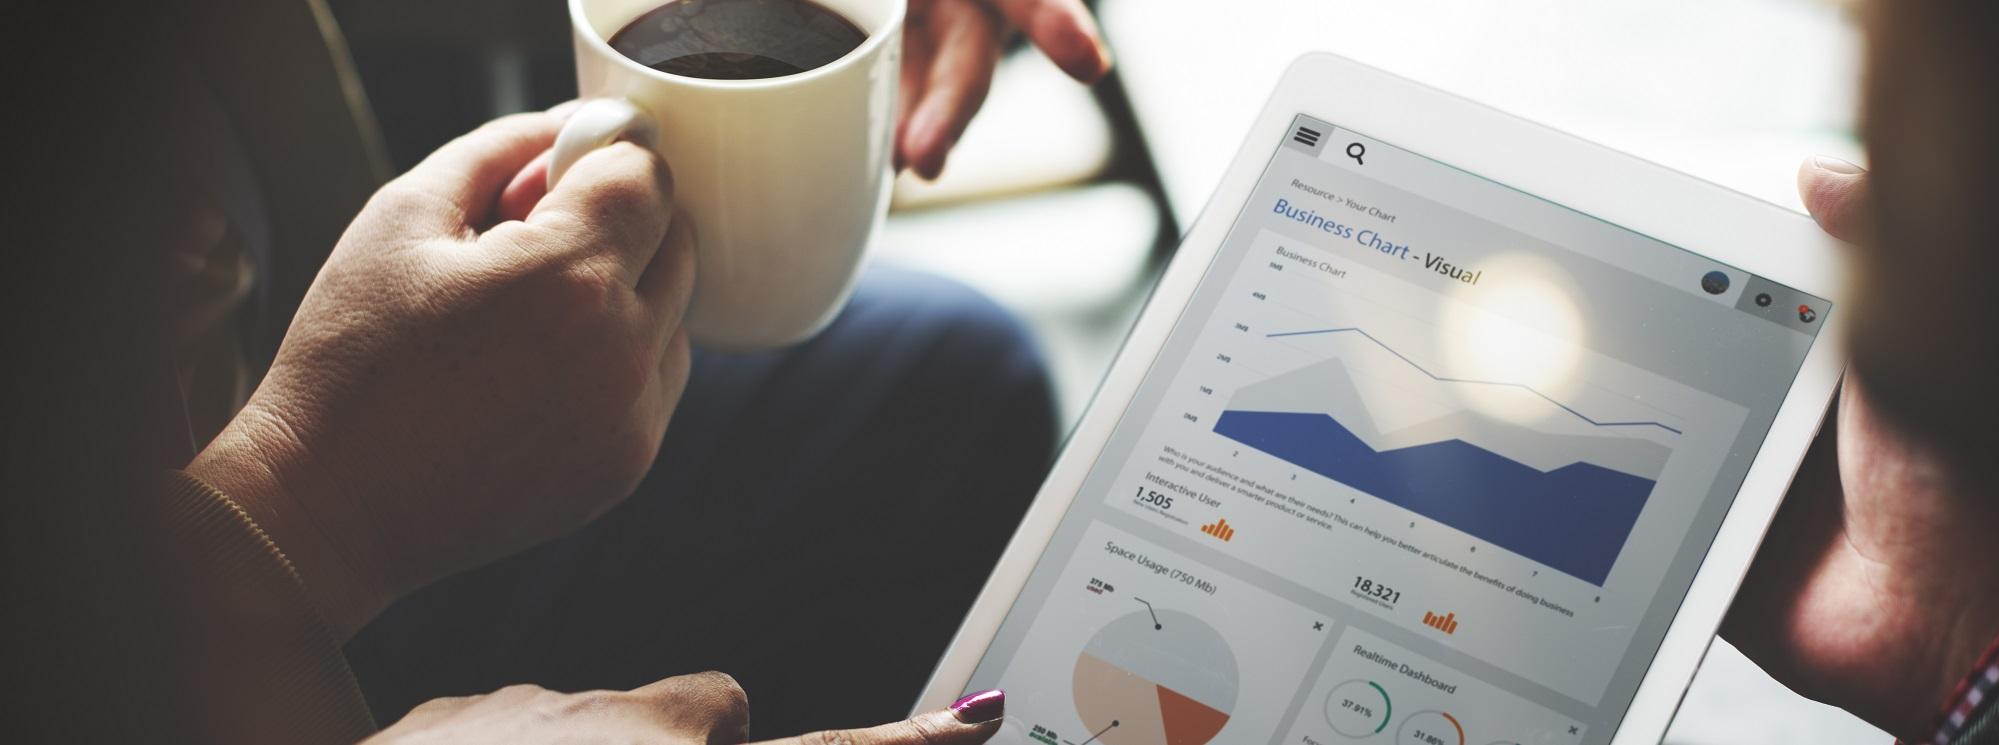 Digital Marketing Talent 3.jpg